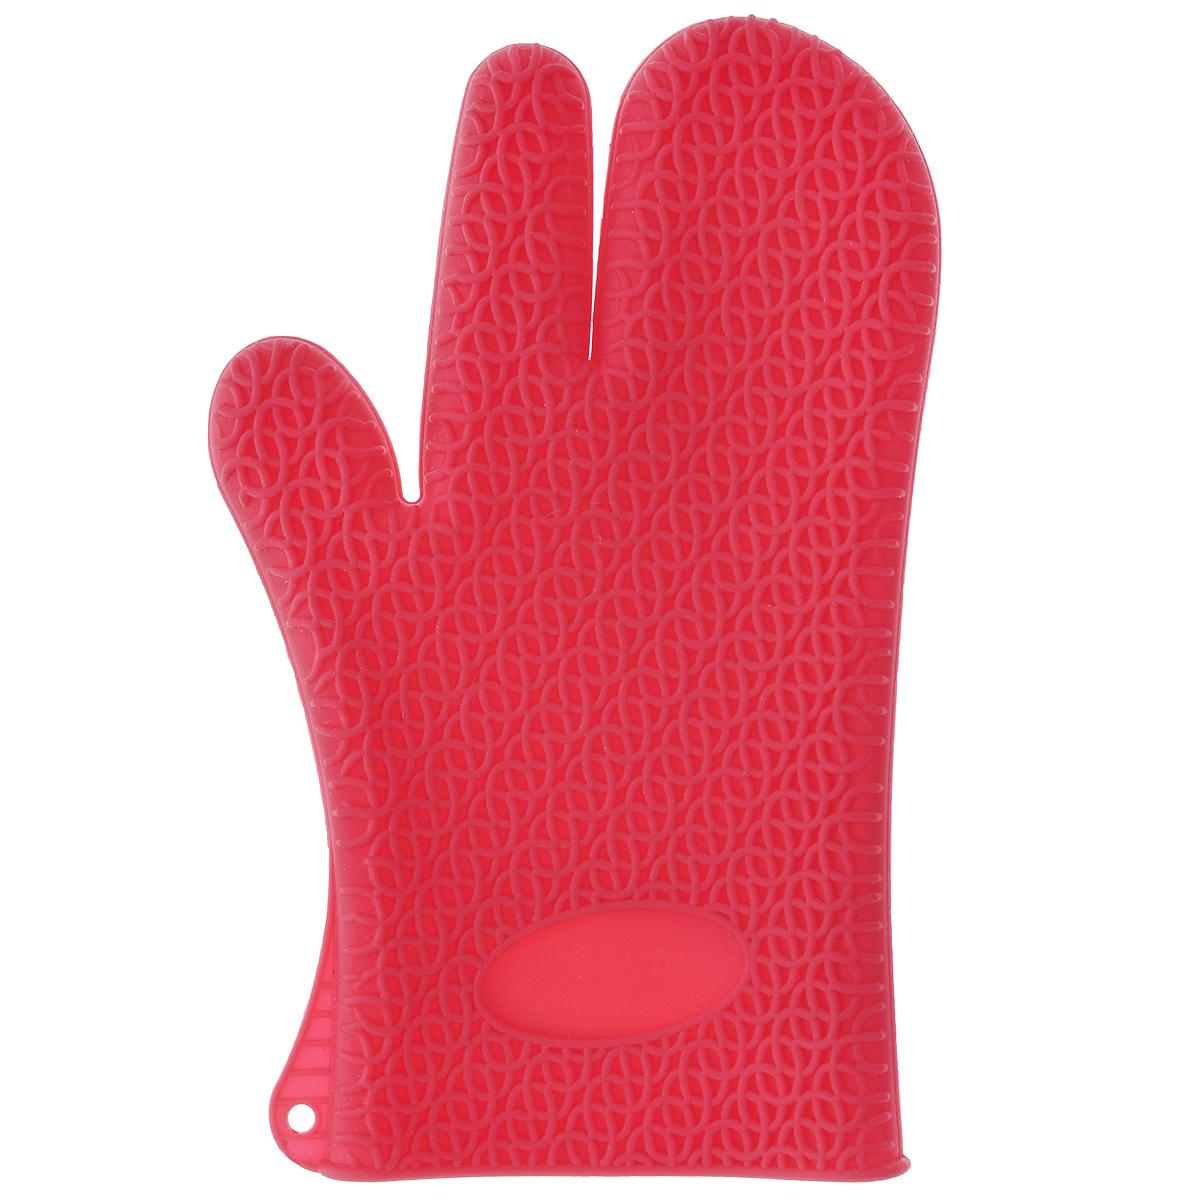 Рукавица для кухни Marmiton, силиконовая, цвет: малиновыйGL 1907Рукавица для кухни Marmiton выполнена из цветного силикона, который выдерживает температуру от -40°С до +240°С. Изделие приятное на ощупь, невероятно гибкое и прочное. Рукавица имеет рельефную поверхность, что обеспечивает еще более надежный хват. С помощью такой рукавицы ваши руки будут защищены от ожогов, когда вы будете ставить в печь или доставать из нее выпечку. Размер: 17 см х 28 см.